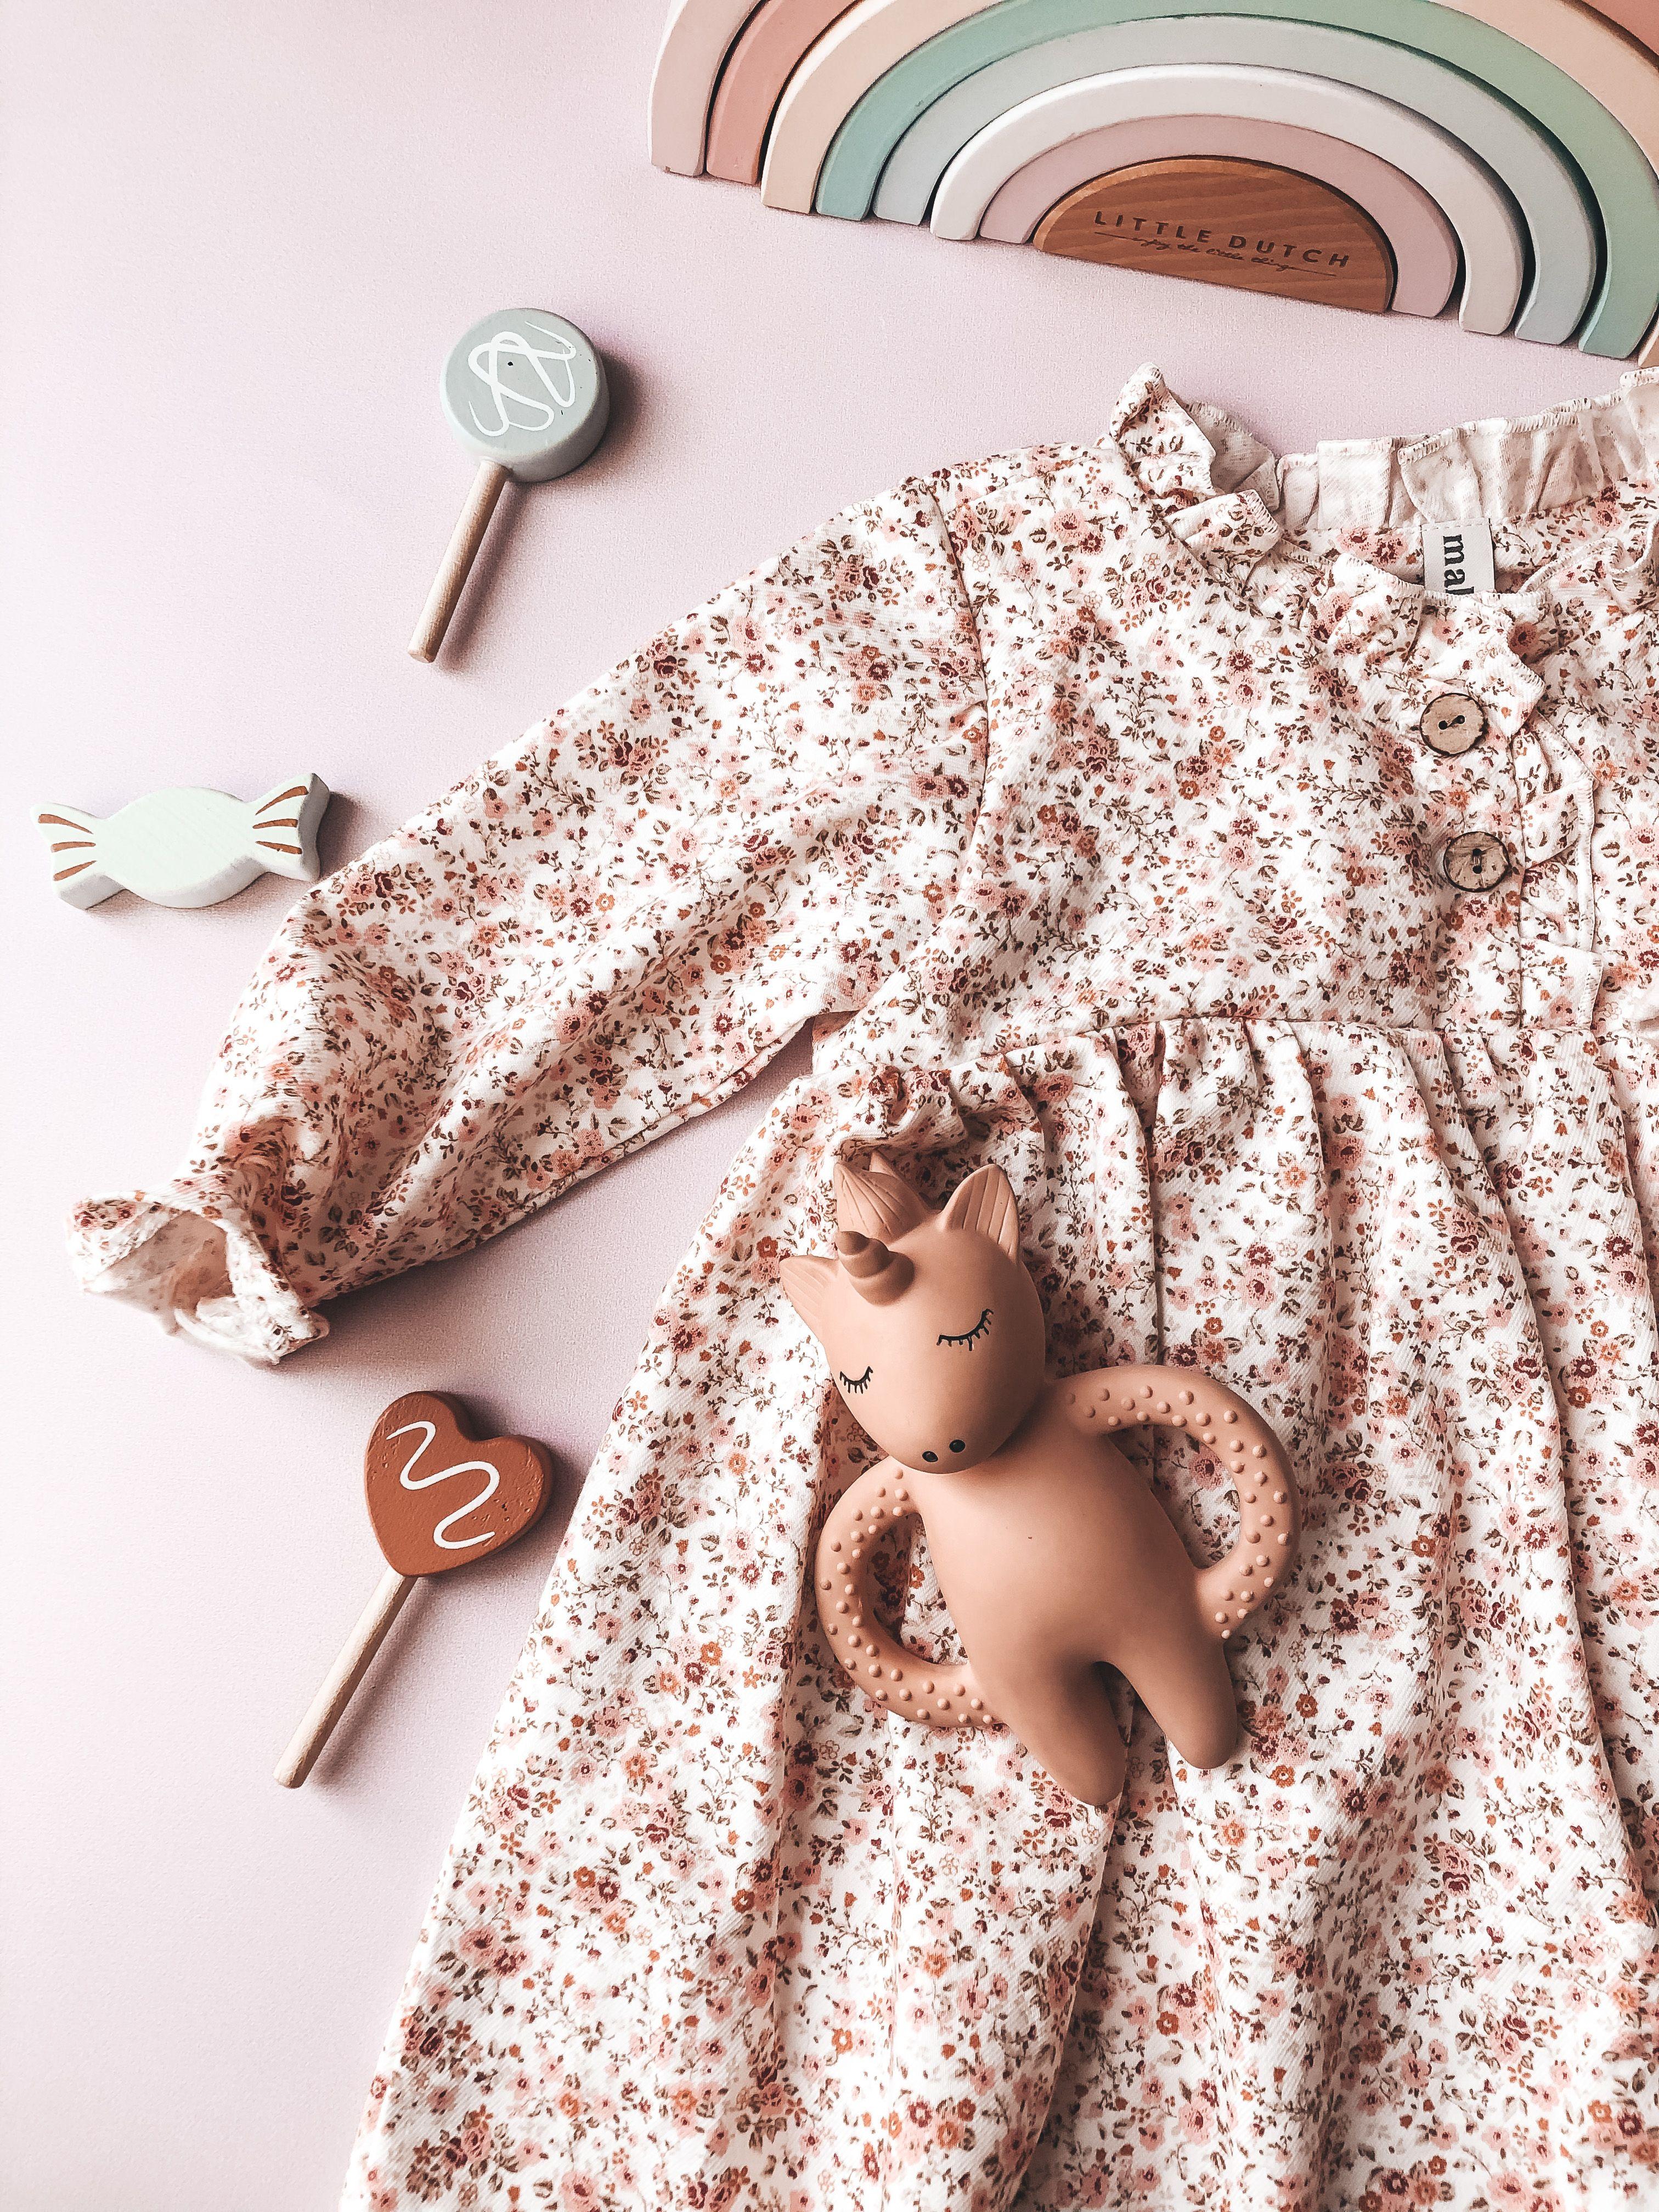 100% GOTS cotton dress. #dress #christmasiscoming #gift #sukienka #sukienkadladziewczynki #kidsinspo #fashionforkids #córeczka #szyciedladzieci #święta prezenty